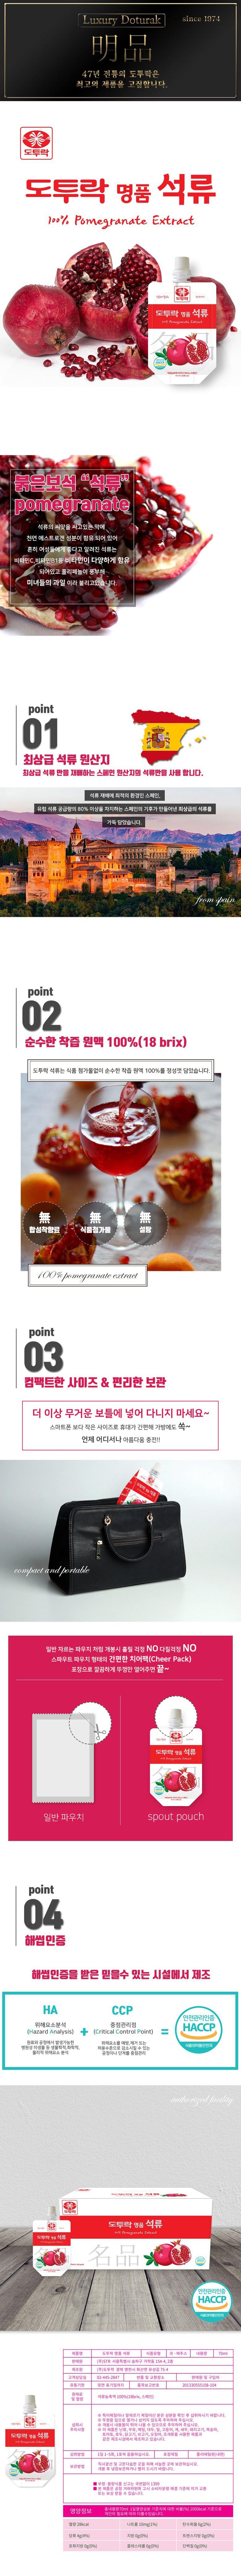 WHO-FOOD-DETAIL-136.jpg